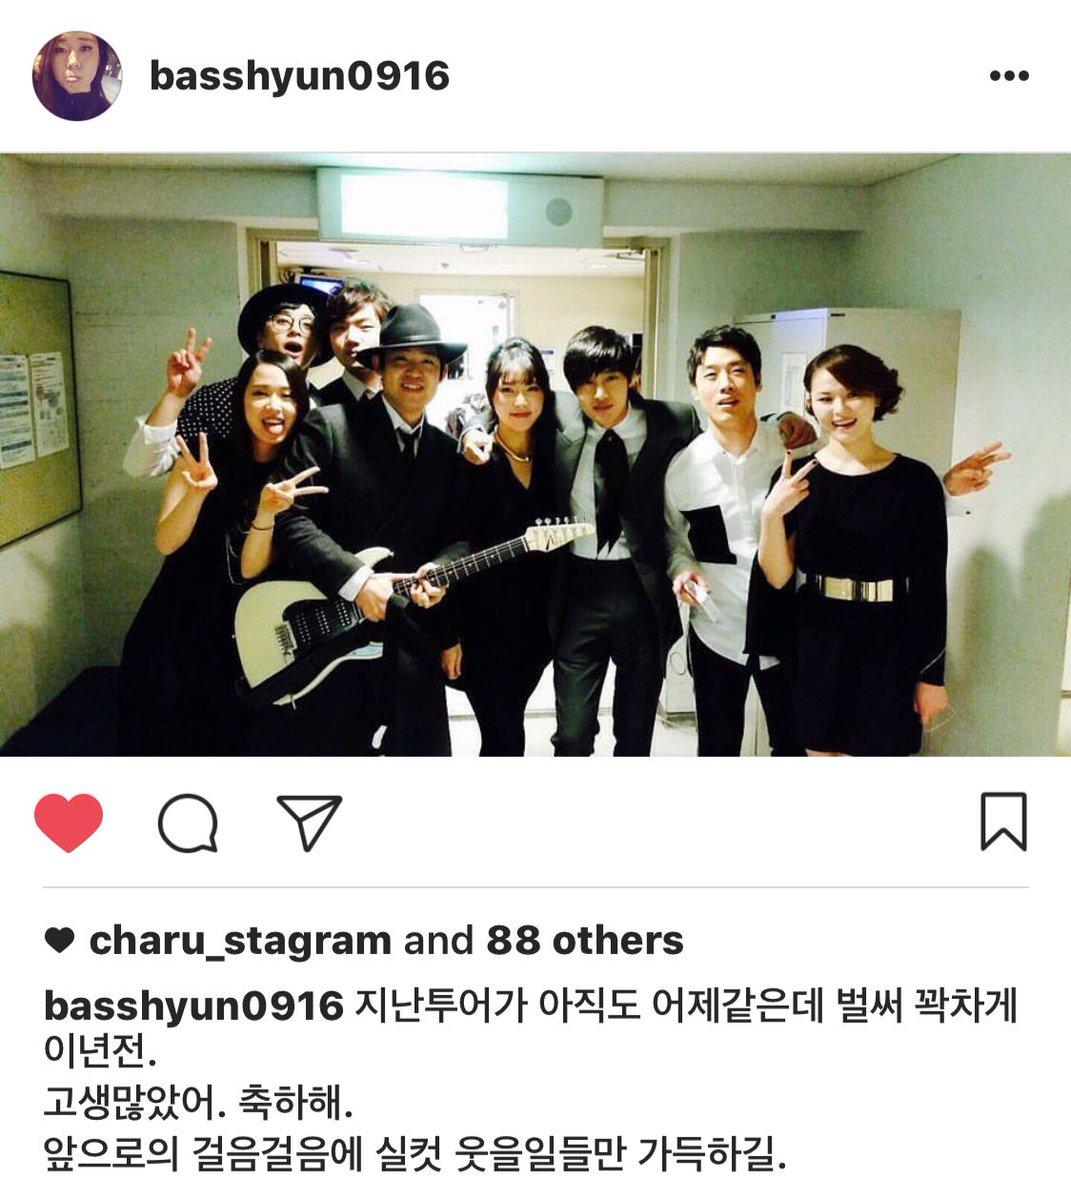 Gemini Band Members FB and Instagram Updates